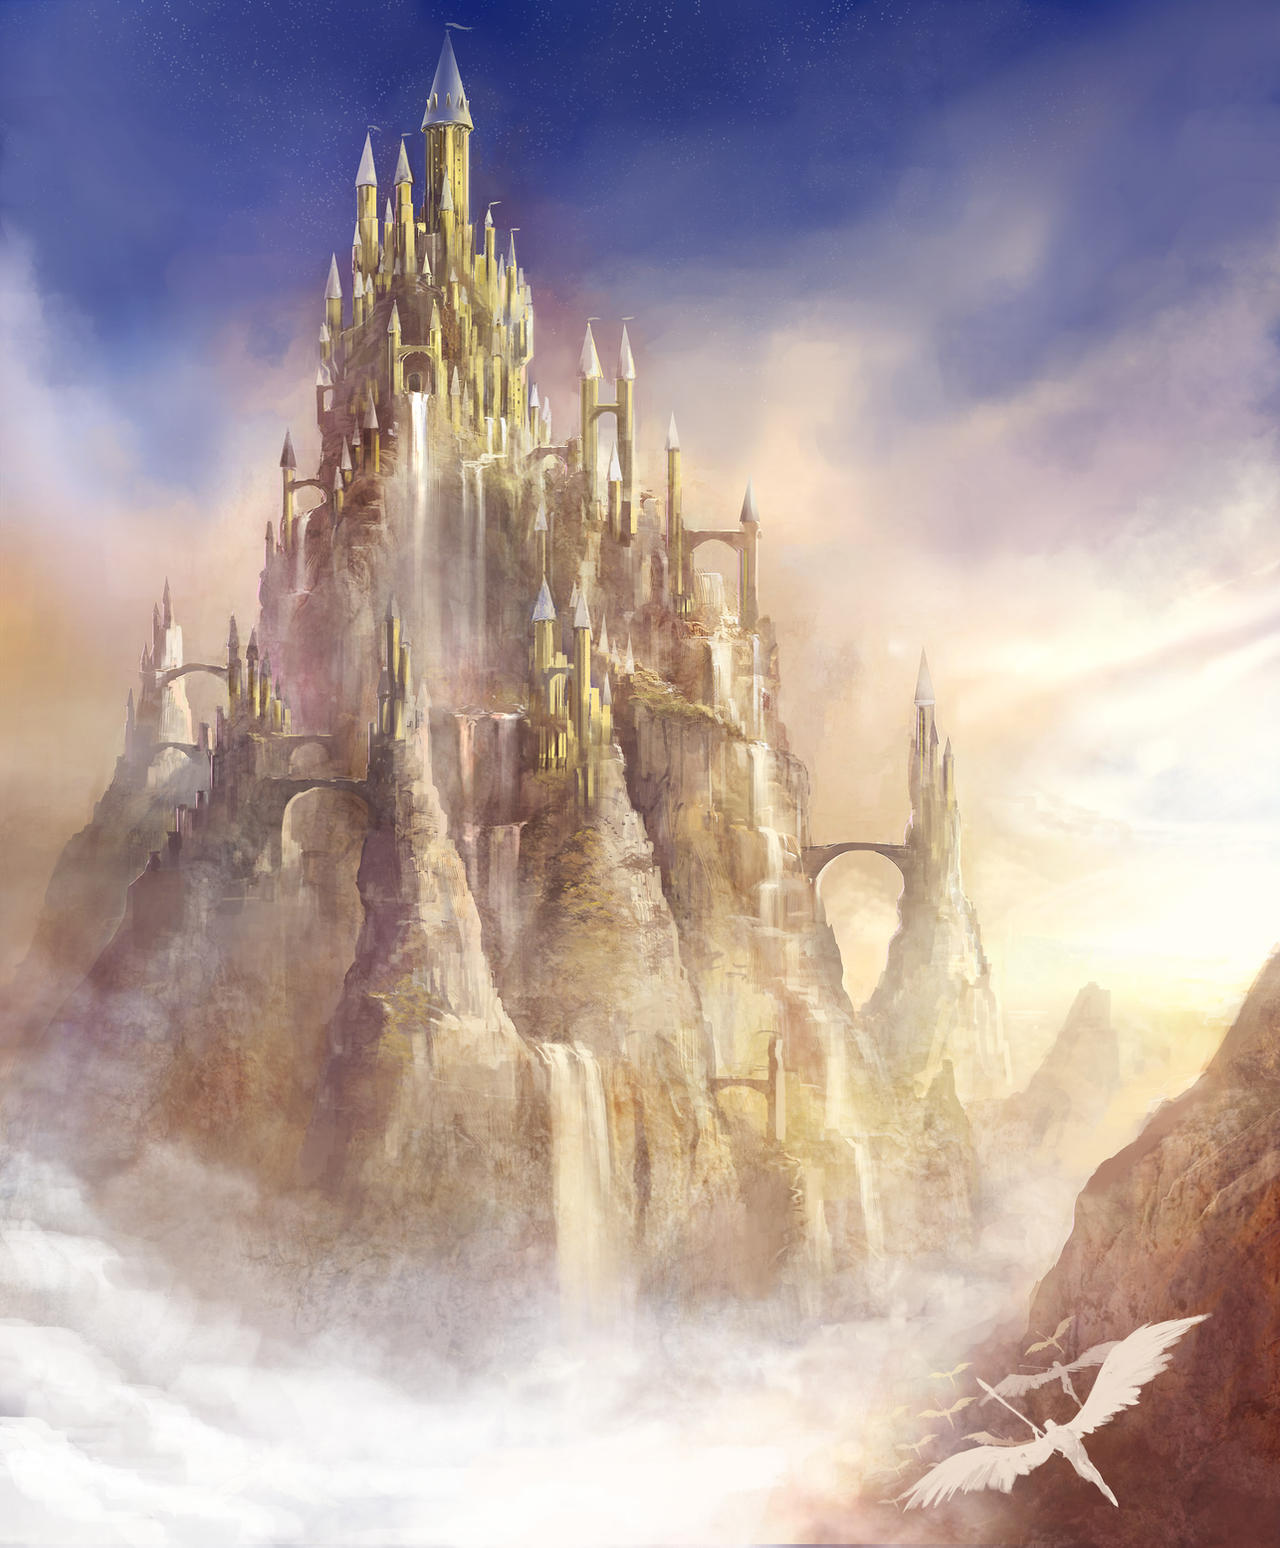 mountain_peak_castle_by_jbrown67-d7o23gr